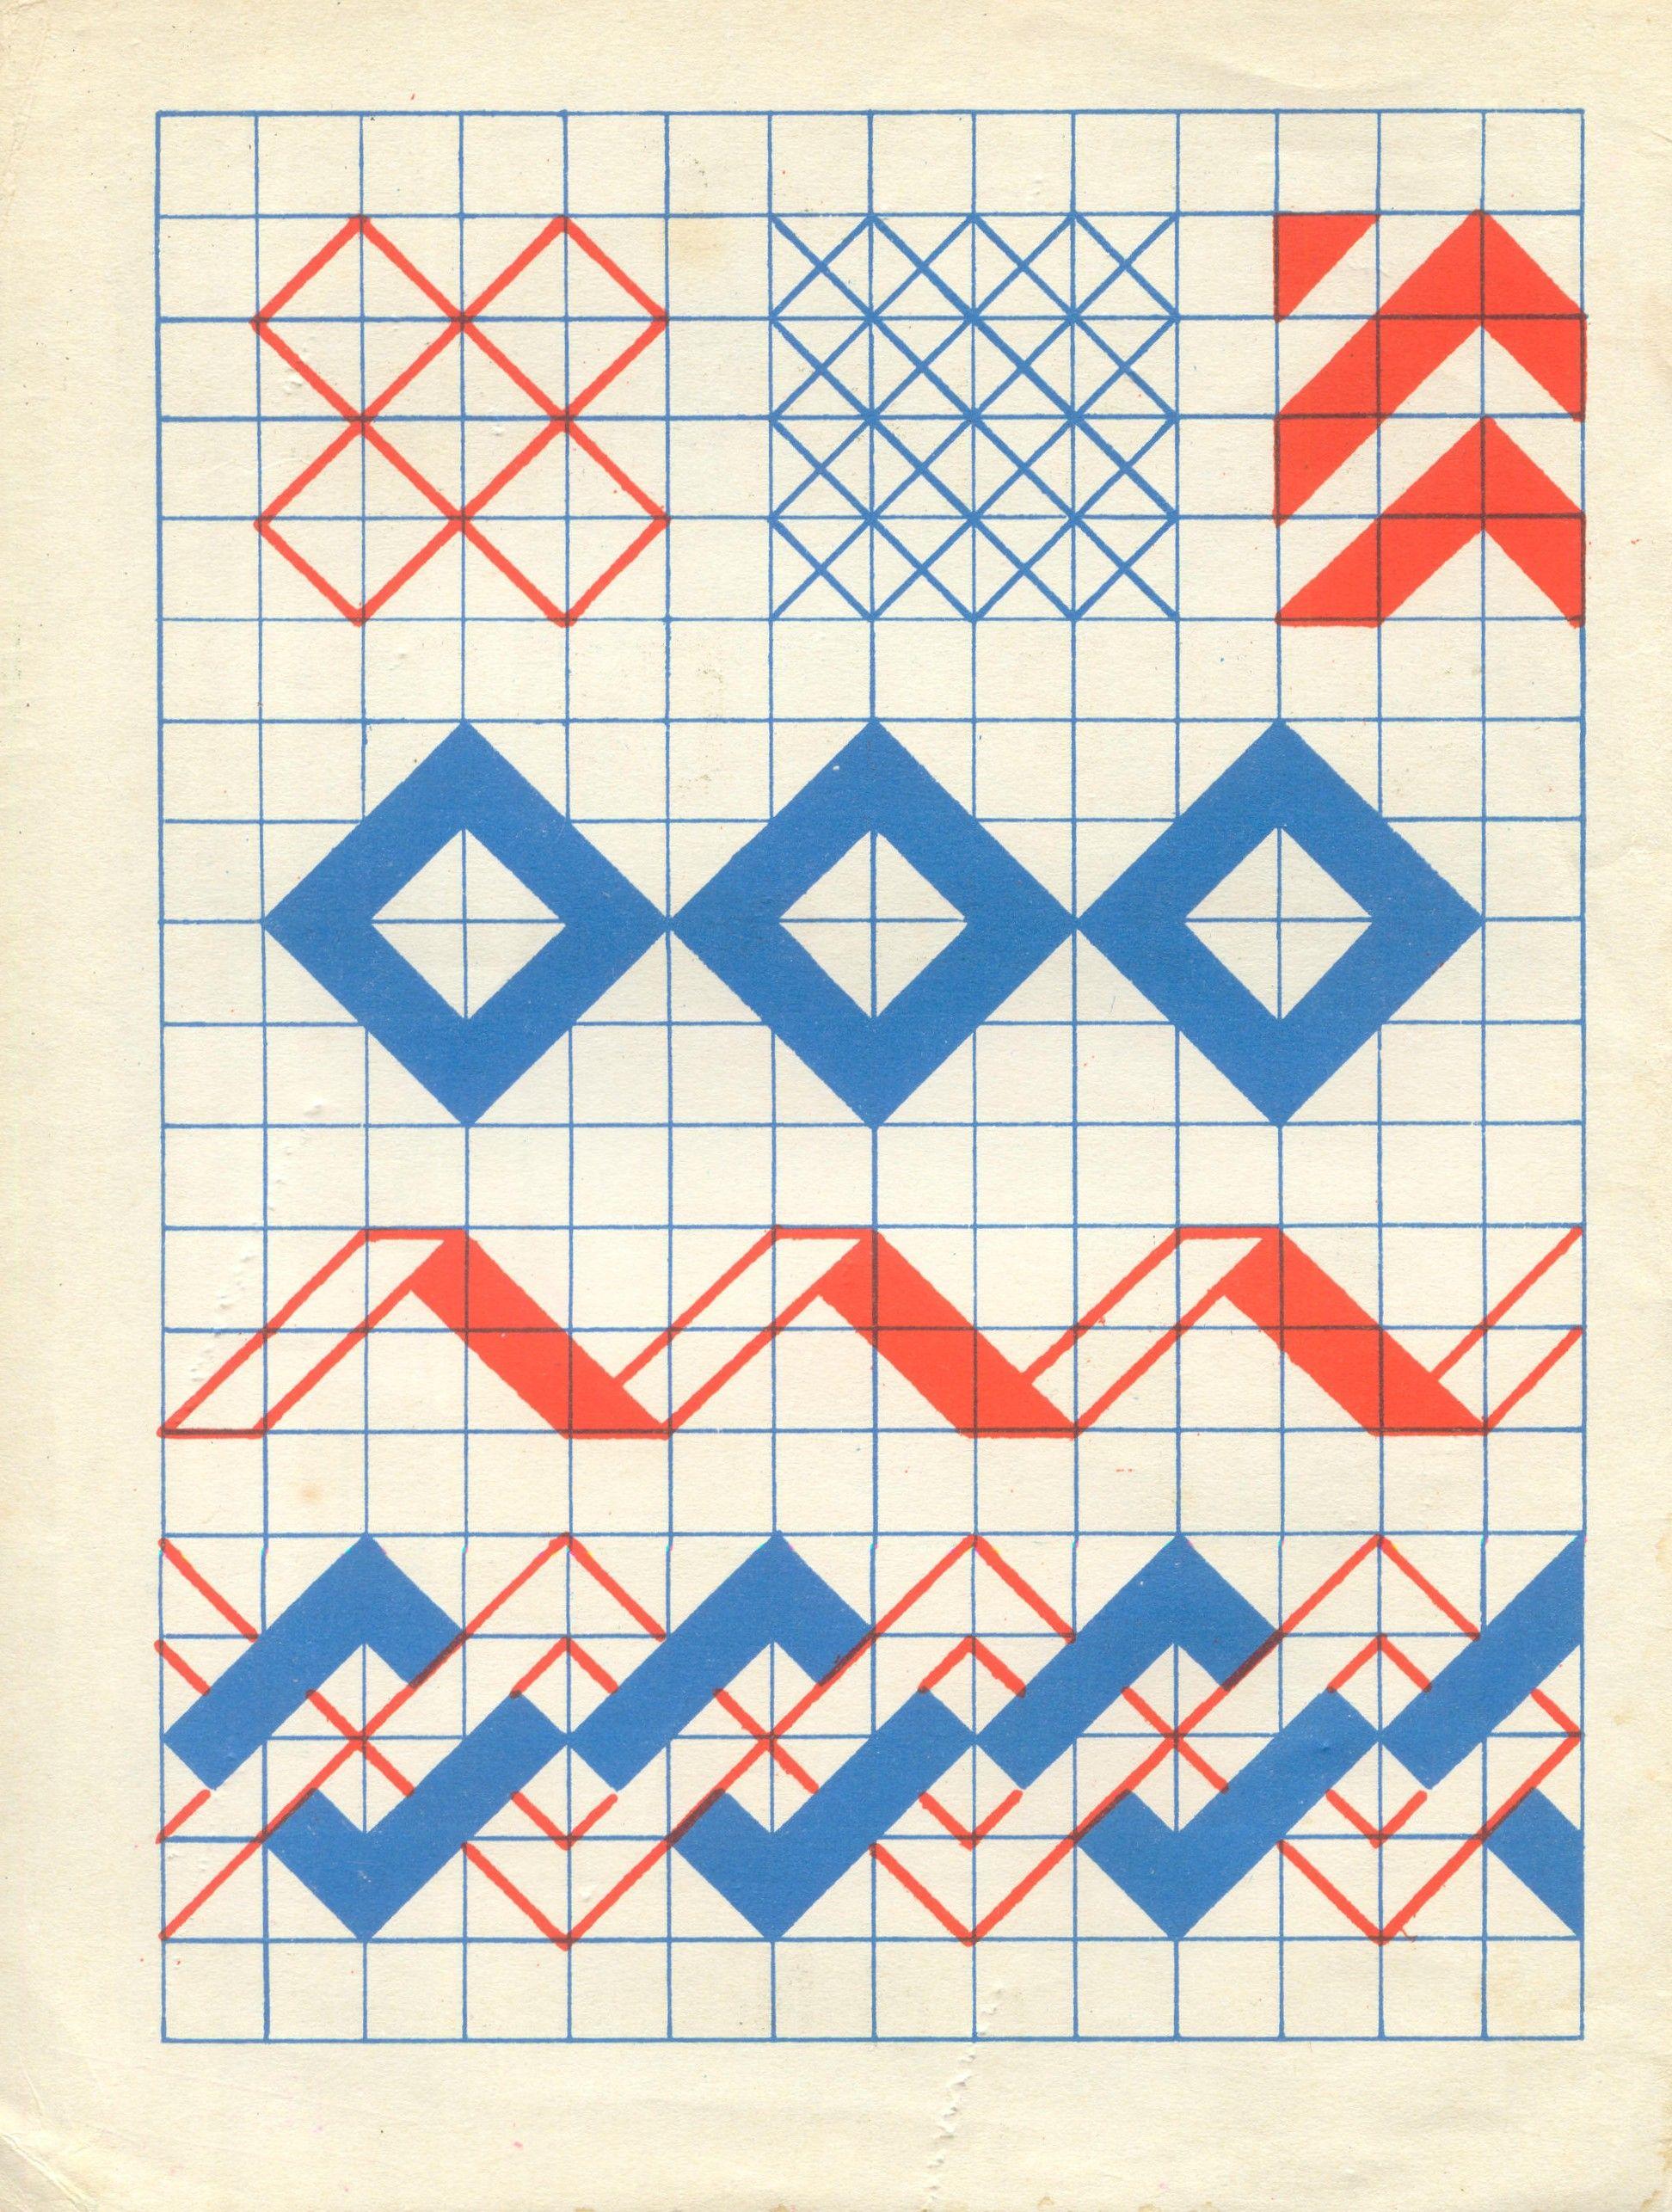 全部尺寸 | n1 cahier dessin carreau p1 | Flickr - 相片分享! | Grid ...